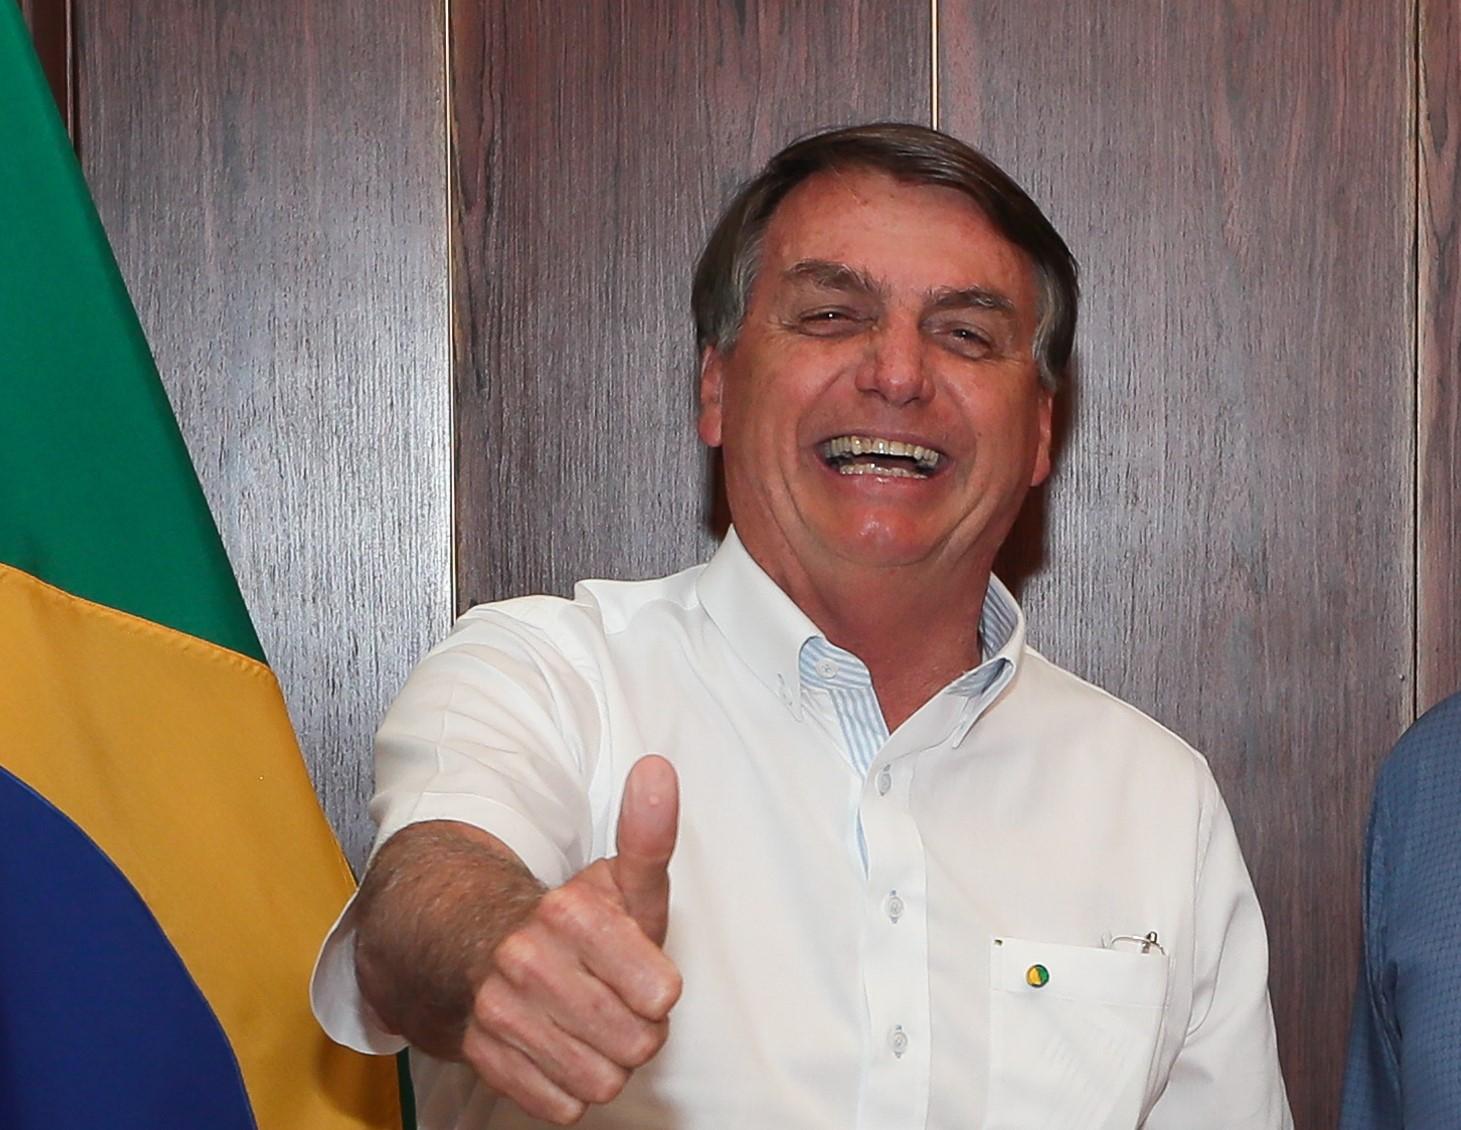 IMAGEM: O plano para reeleger Bolsonaro está pronto